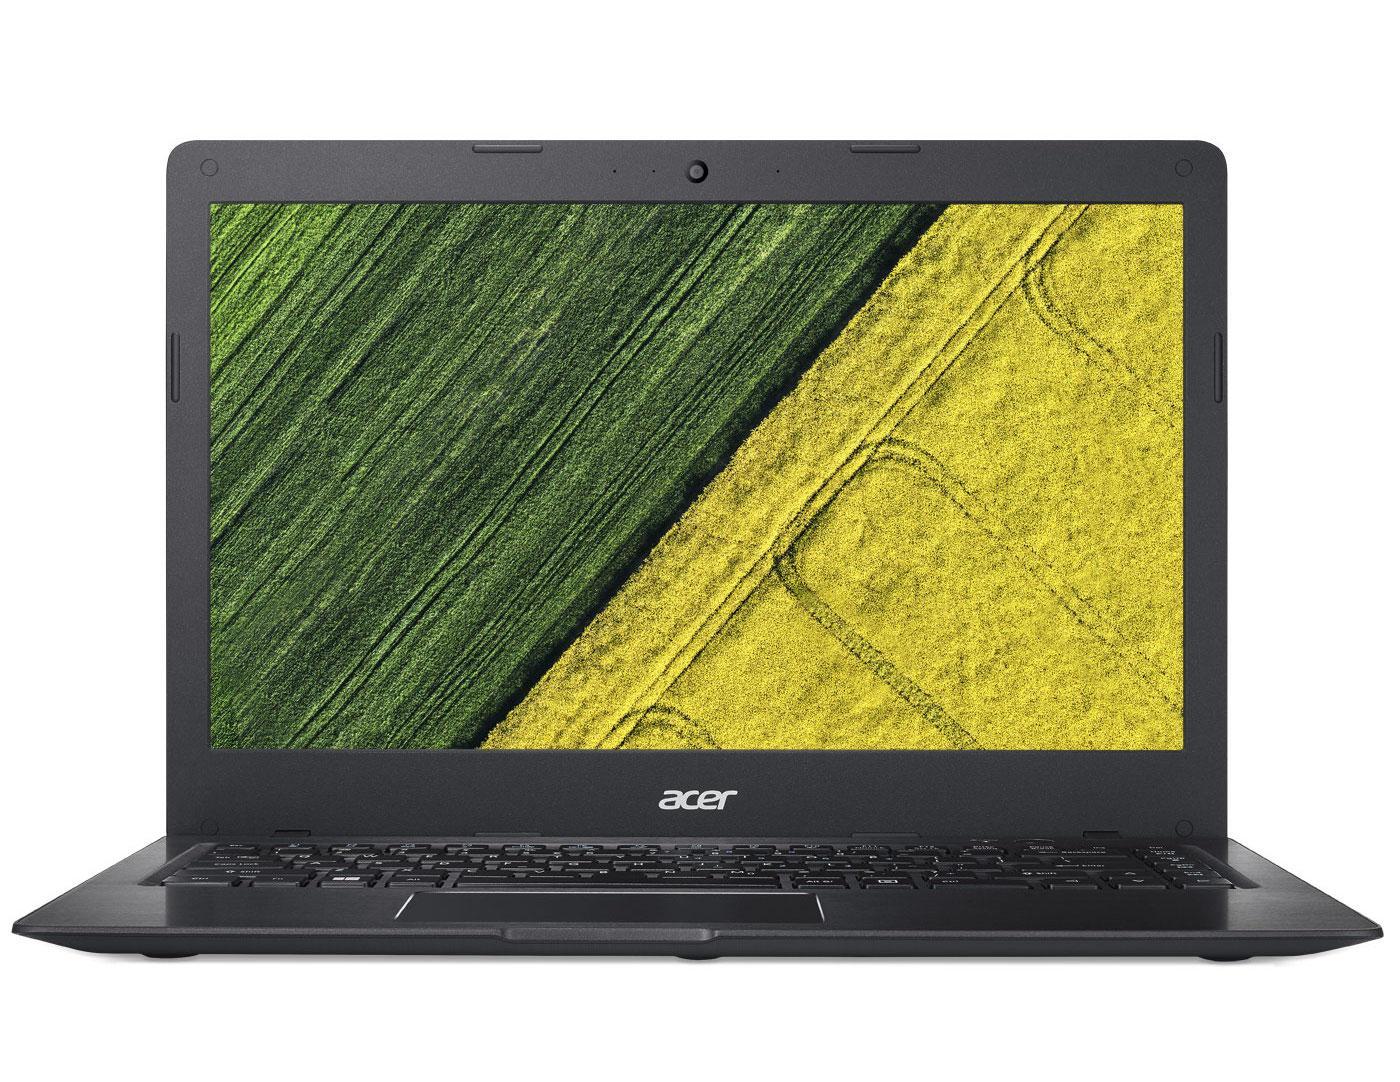 Image du PC portable Acer Swift 1 SF114-31-P9N8 Noir